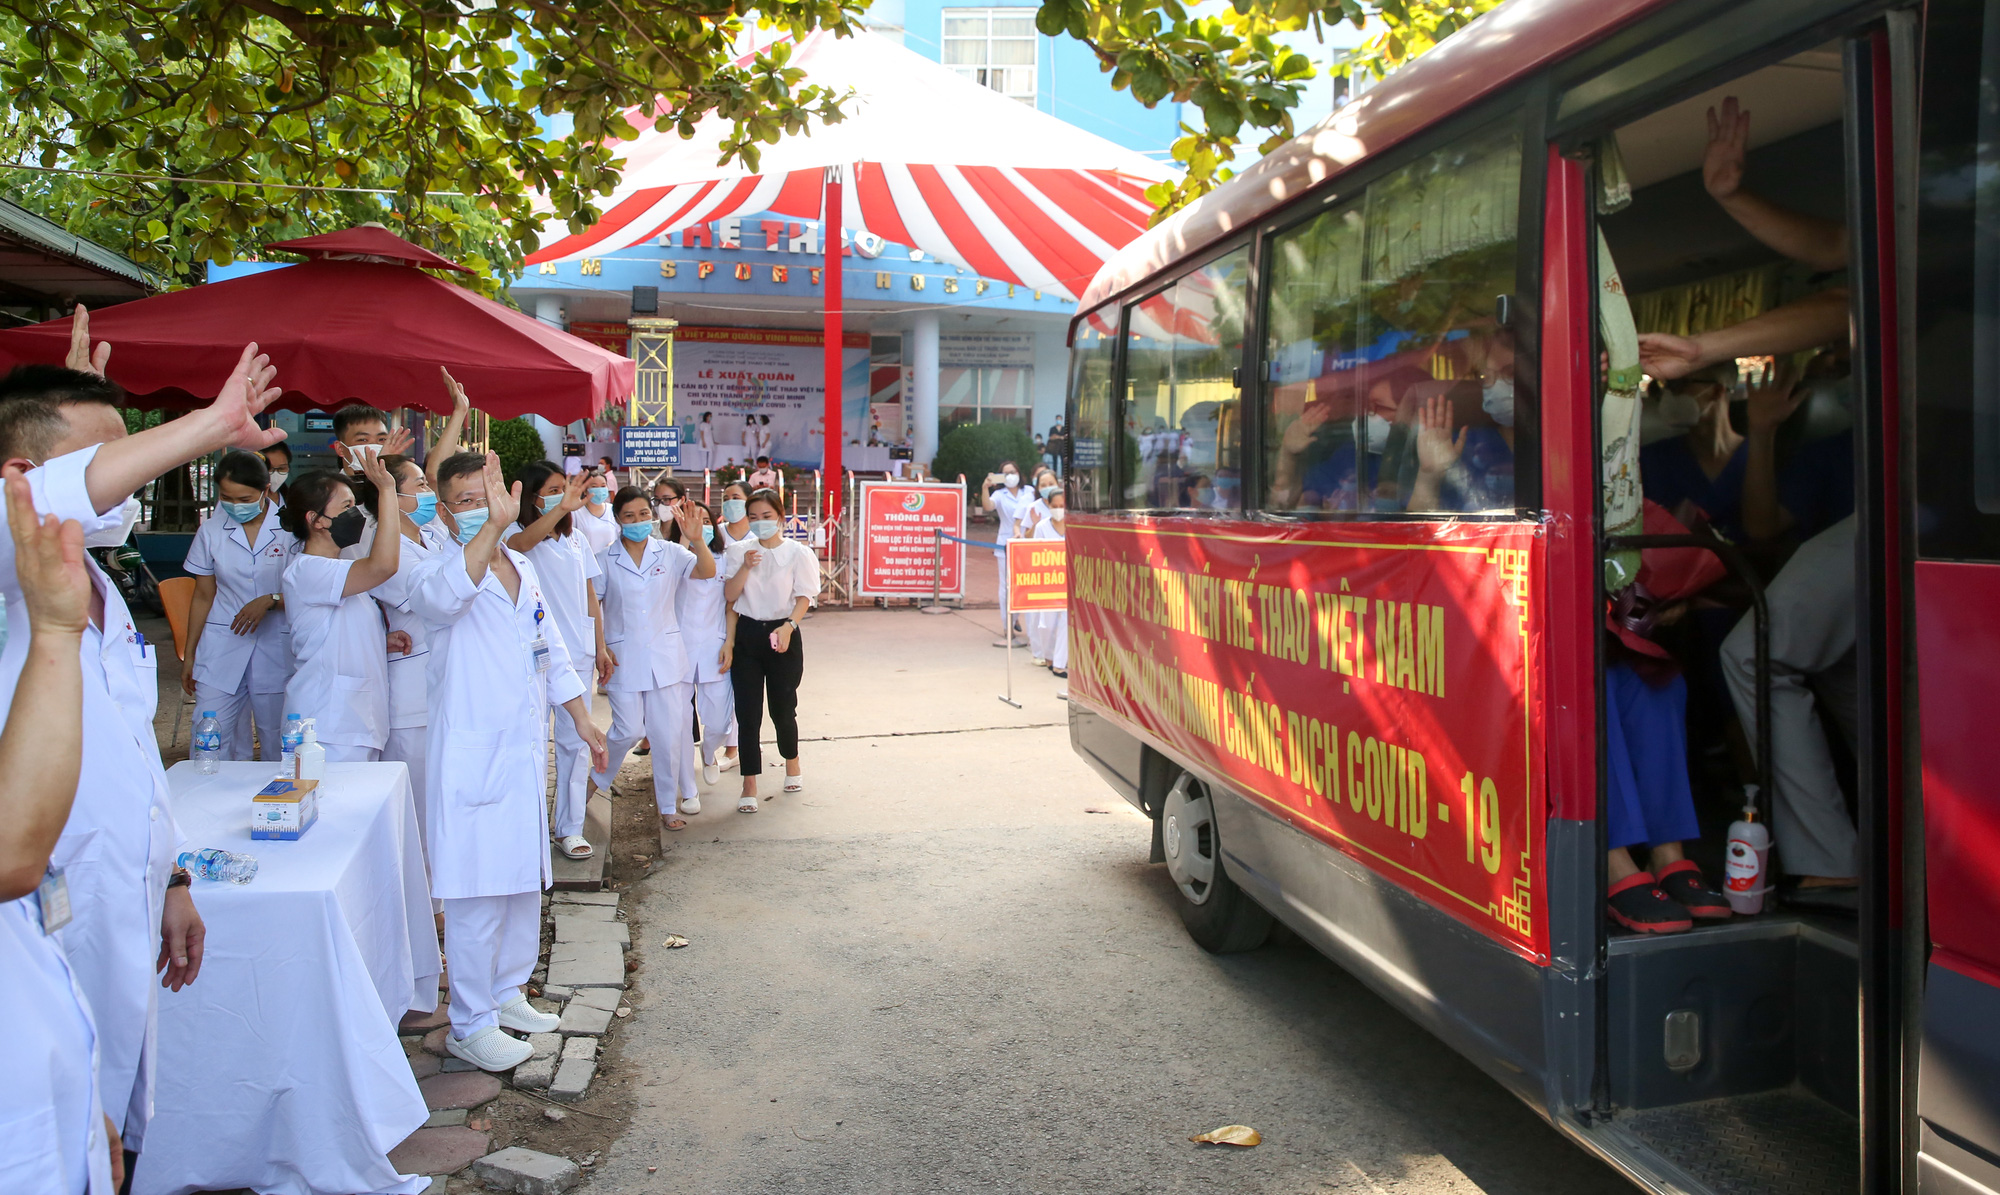 Bệnh viên Thể thao Việt Nam xuất quân tăng cường lực lượng vào miền Nam chống dịch - Ảnh 15.